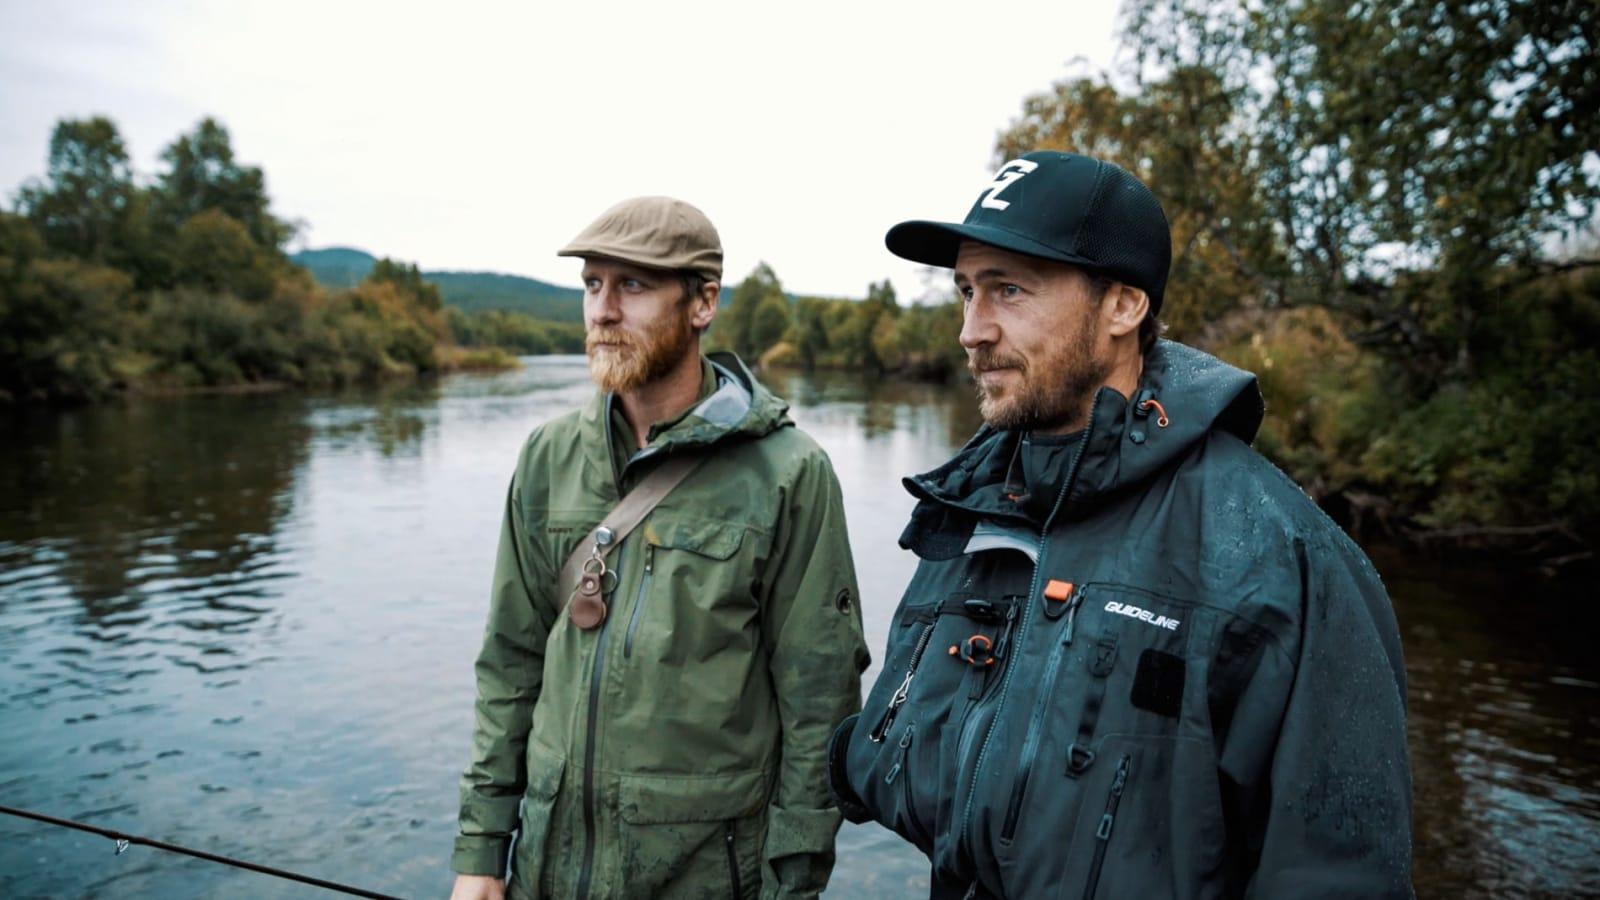 DAVID OG OLEK: To slukørede ørretfiskere reiser hjem uten fangst. Bilde: Magnus Roaldset Furset